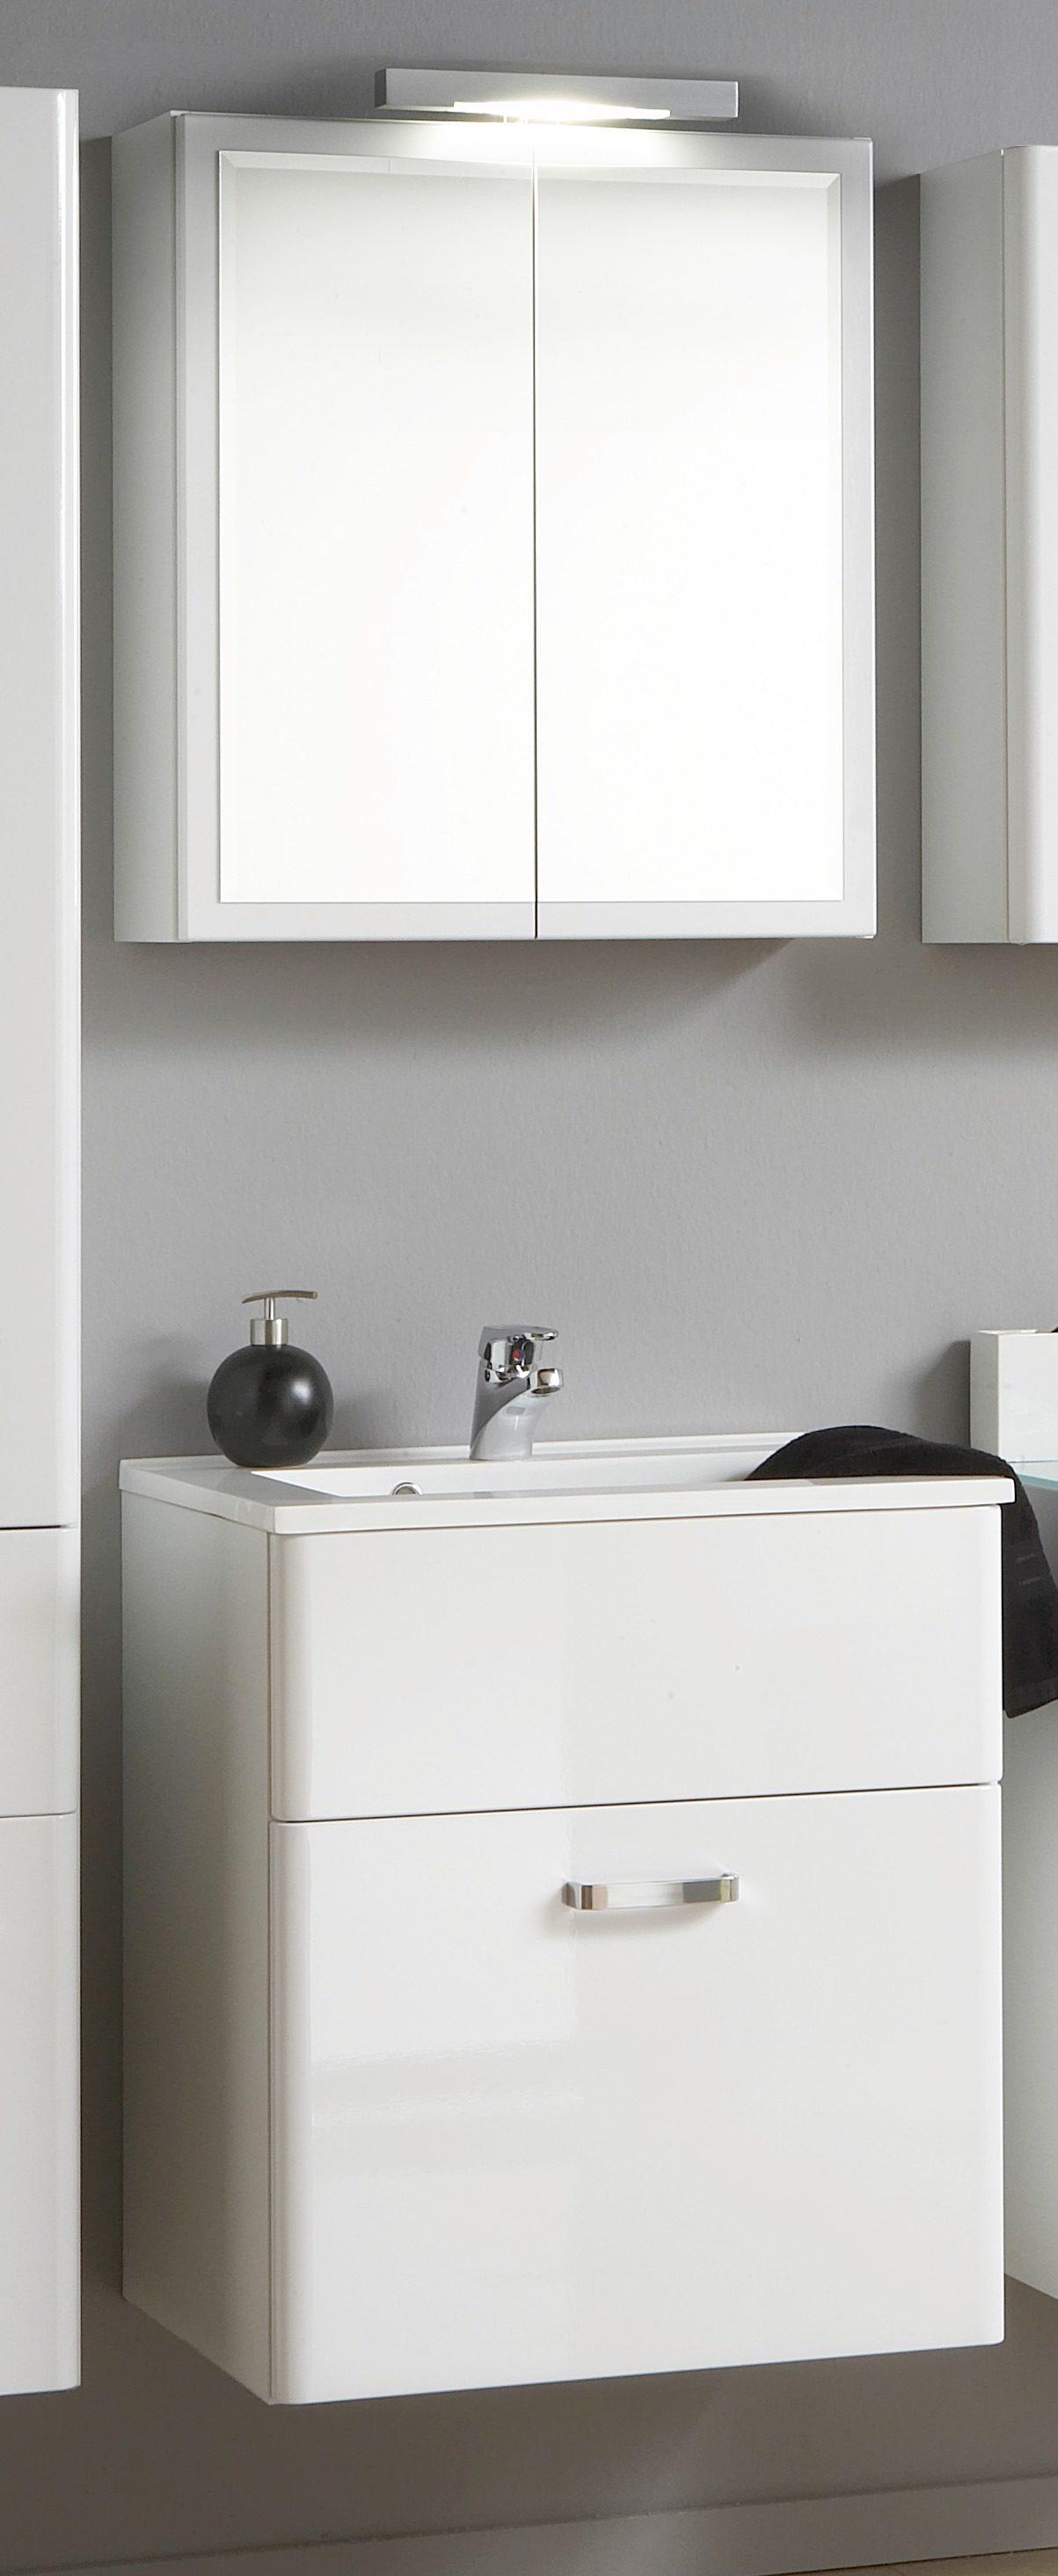 Möbel hugelmann lahr räume badezimmer alles für das bad